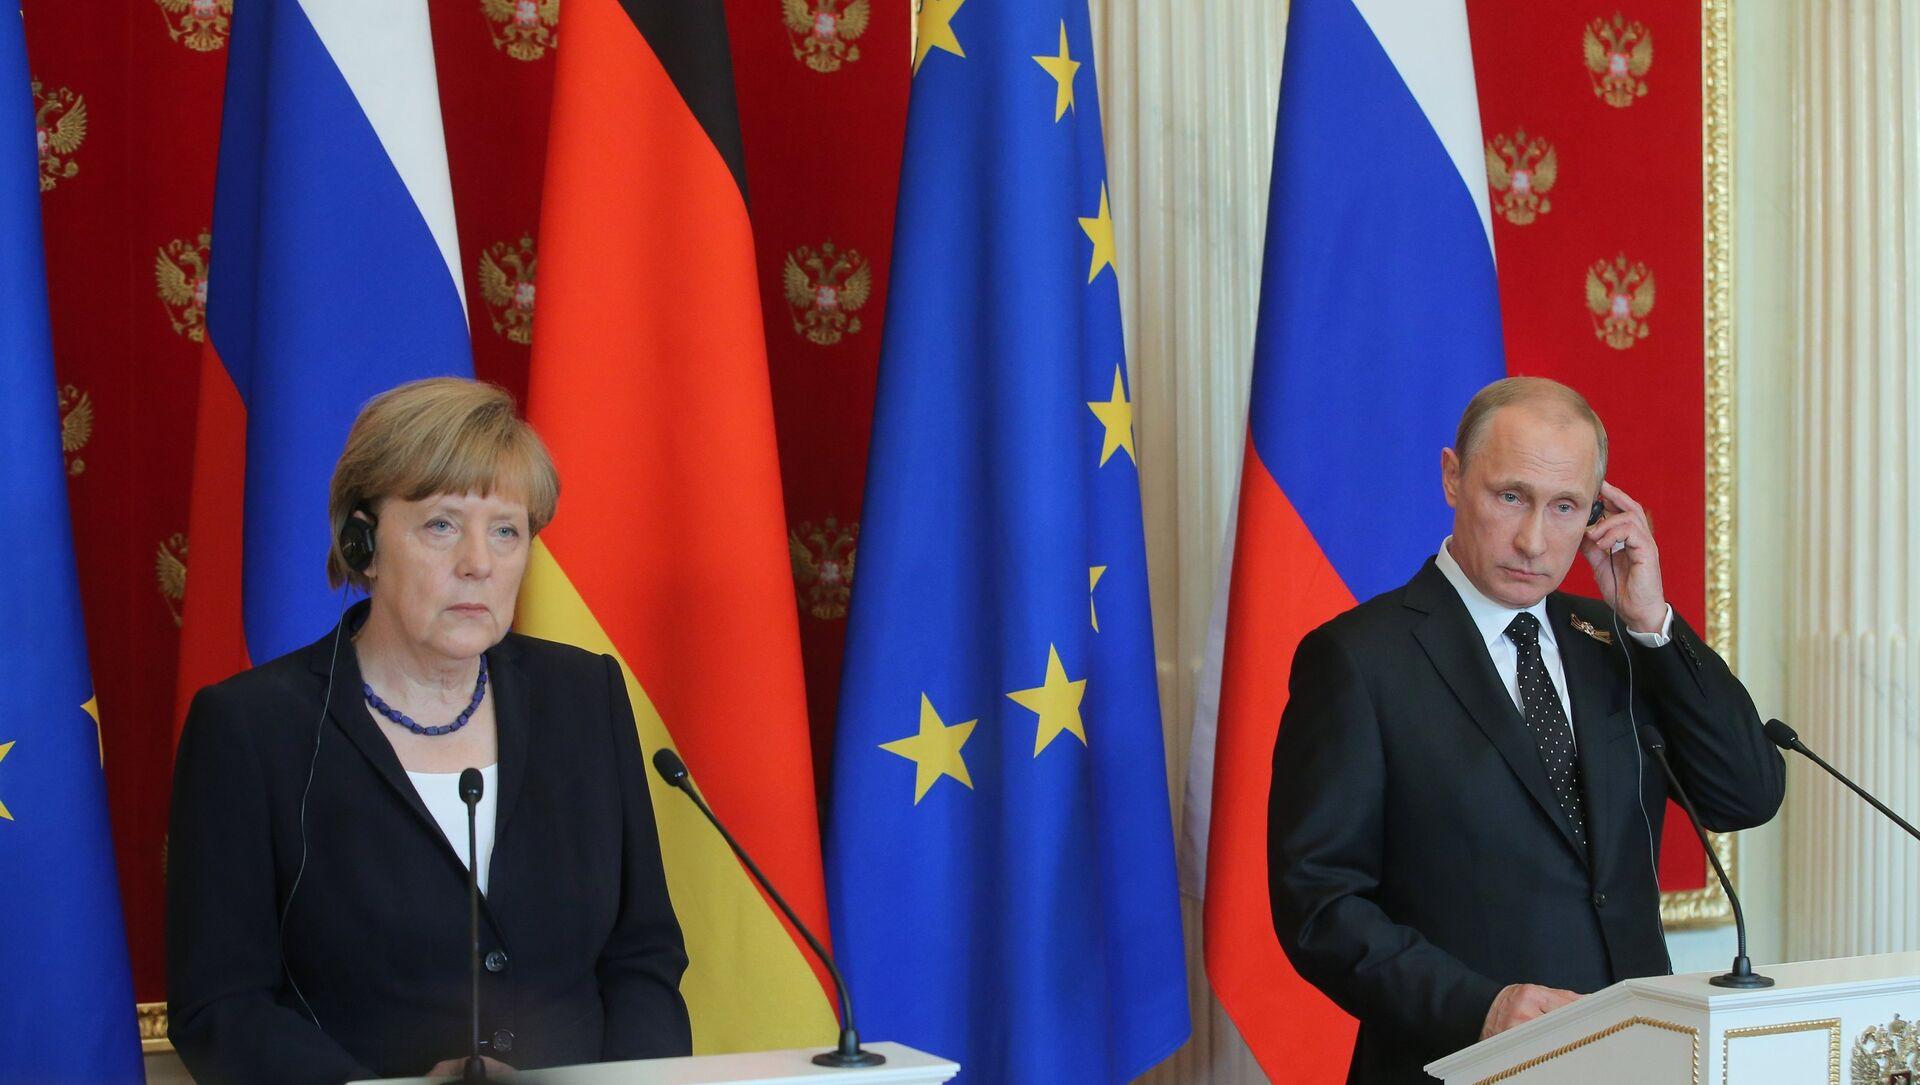 Tổng thống Nga Vladimir Putin và Thủ tướng Đức Angela Merkel - Sputnik Việt Nam, 1920, 27.09.2021